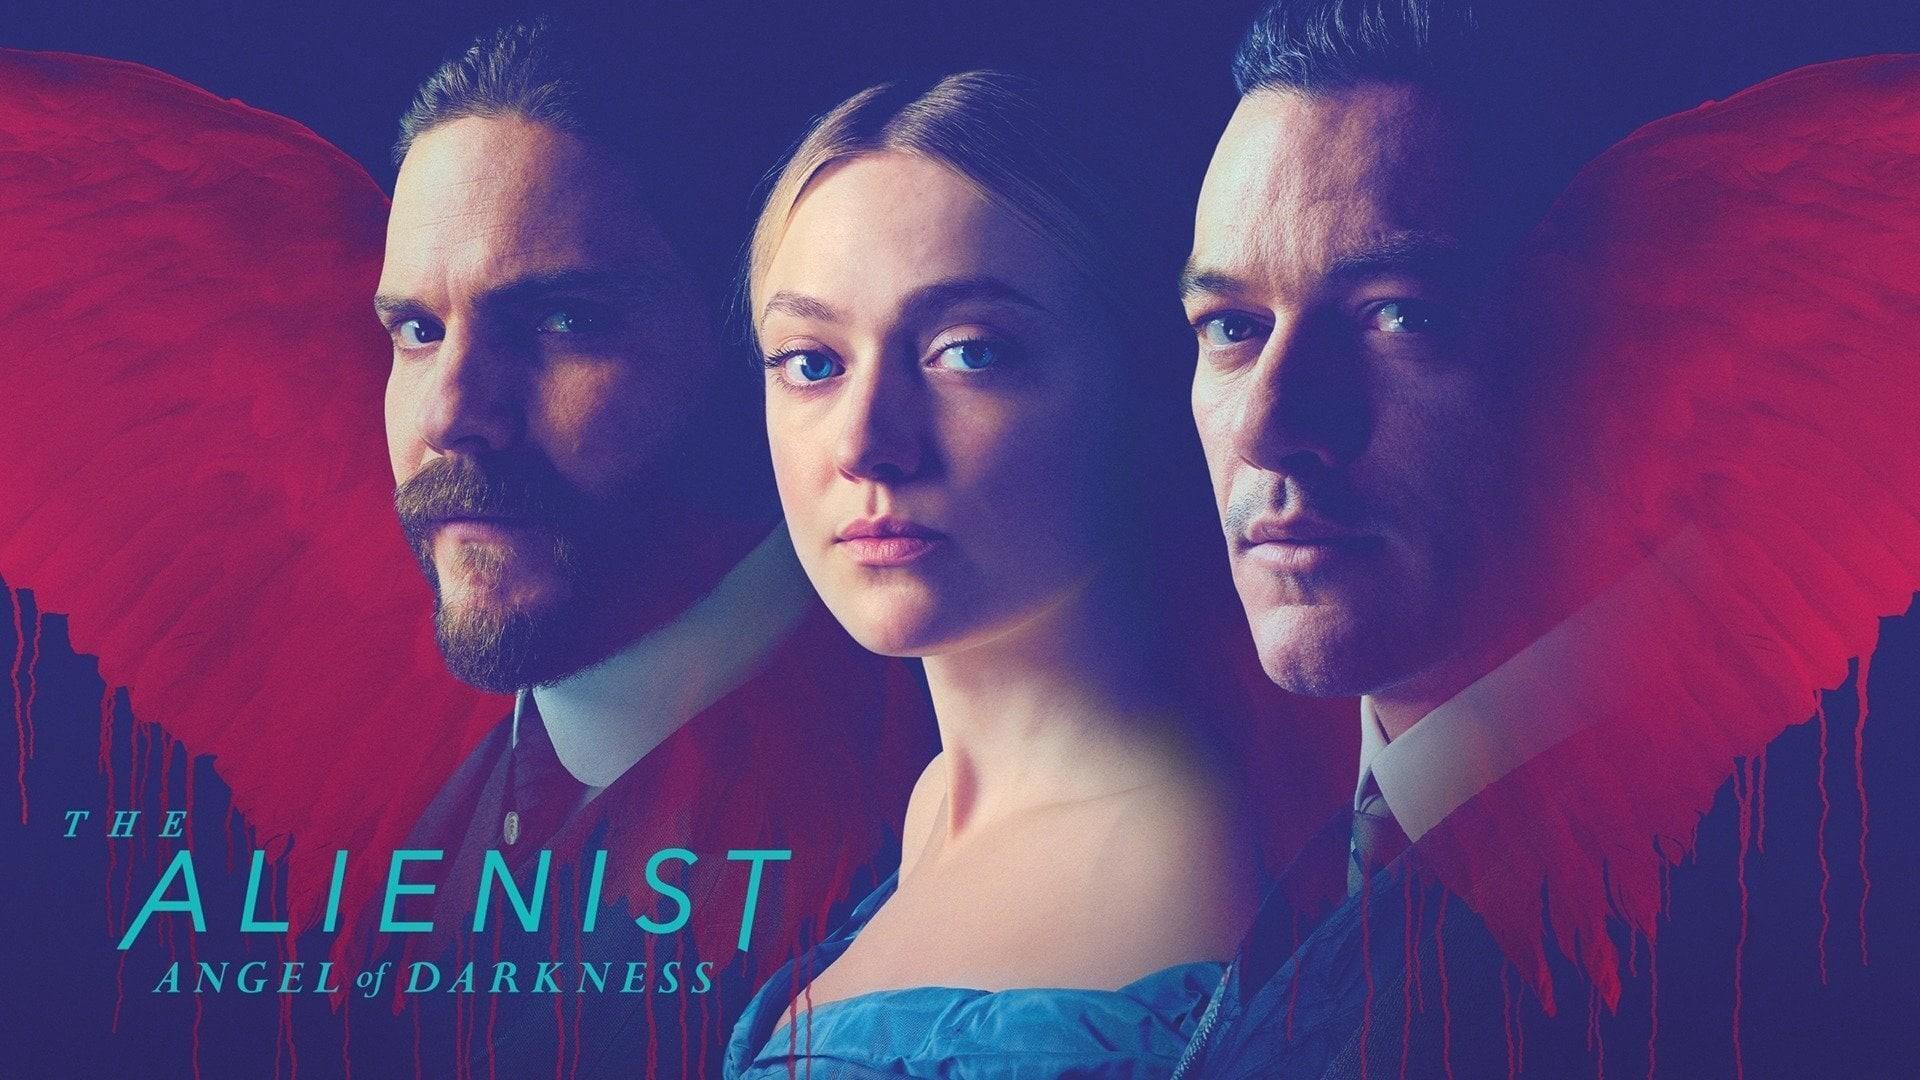 The Alienist: Angel of Darkness / Az elmeorvos: A sötétség angyala (2020)